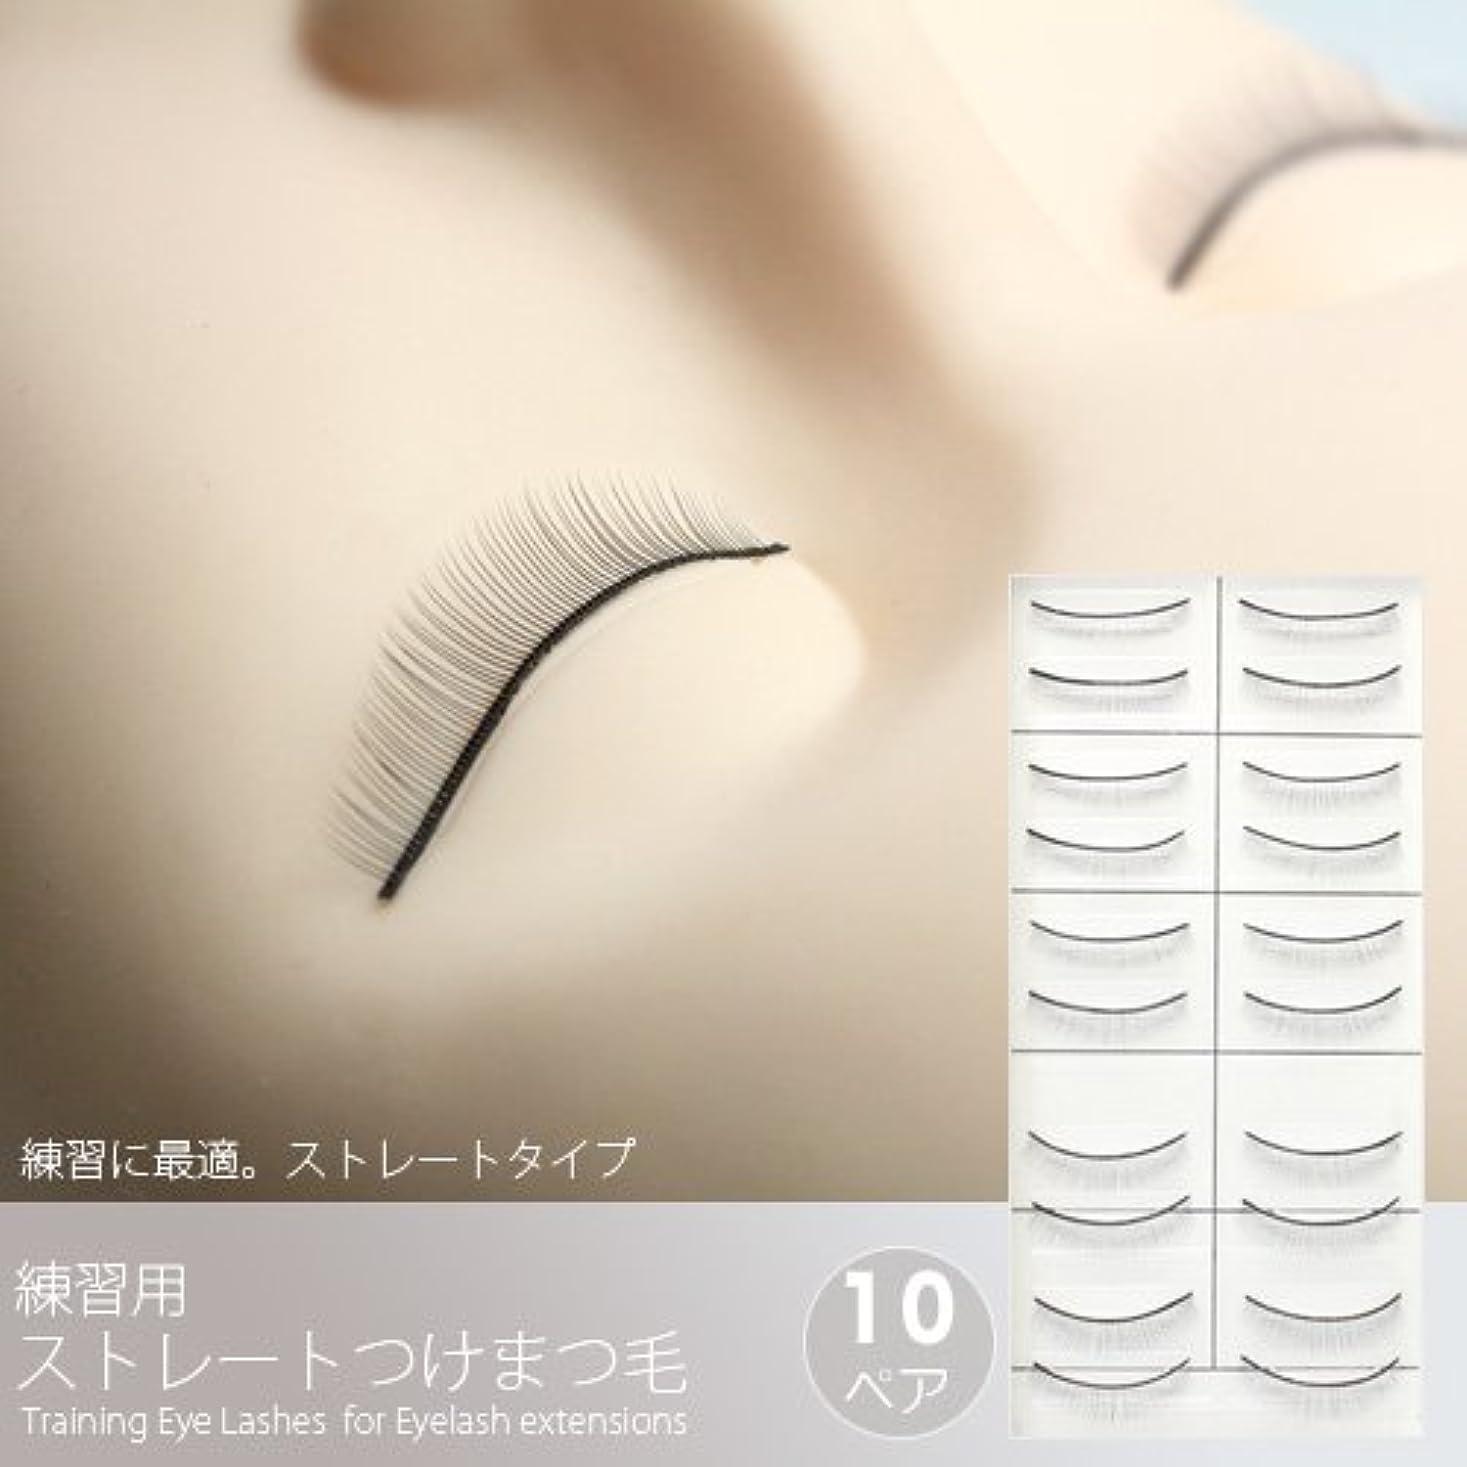 ヘッドレスリズム美徳練習用ストレートつけまつげ(10ペア)[Training Eye Lashes ]/まつ毛エクステ商材